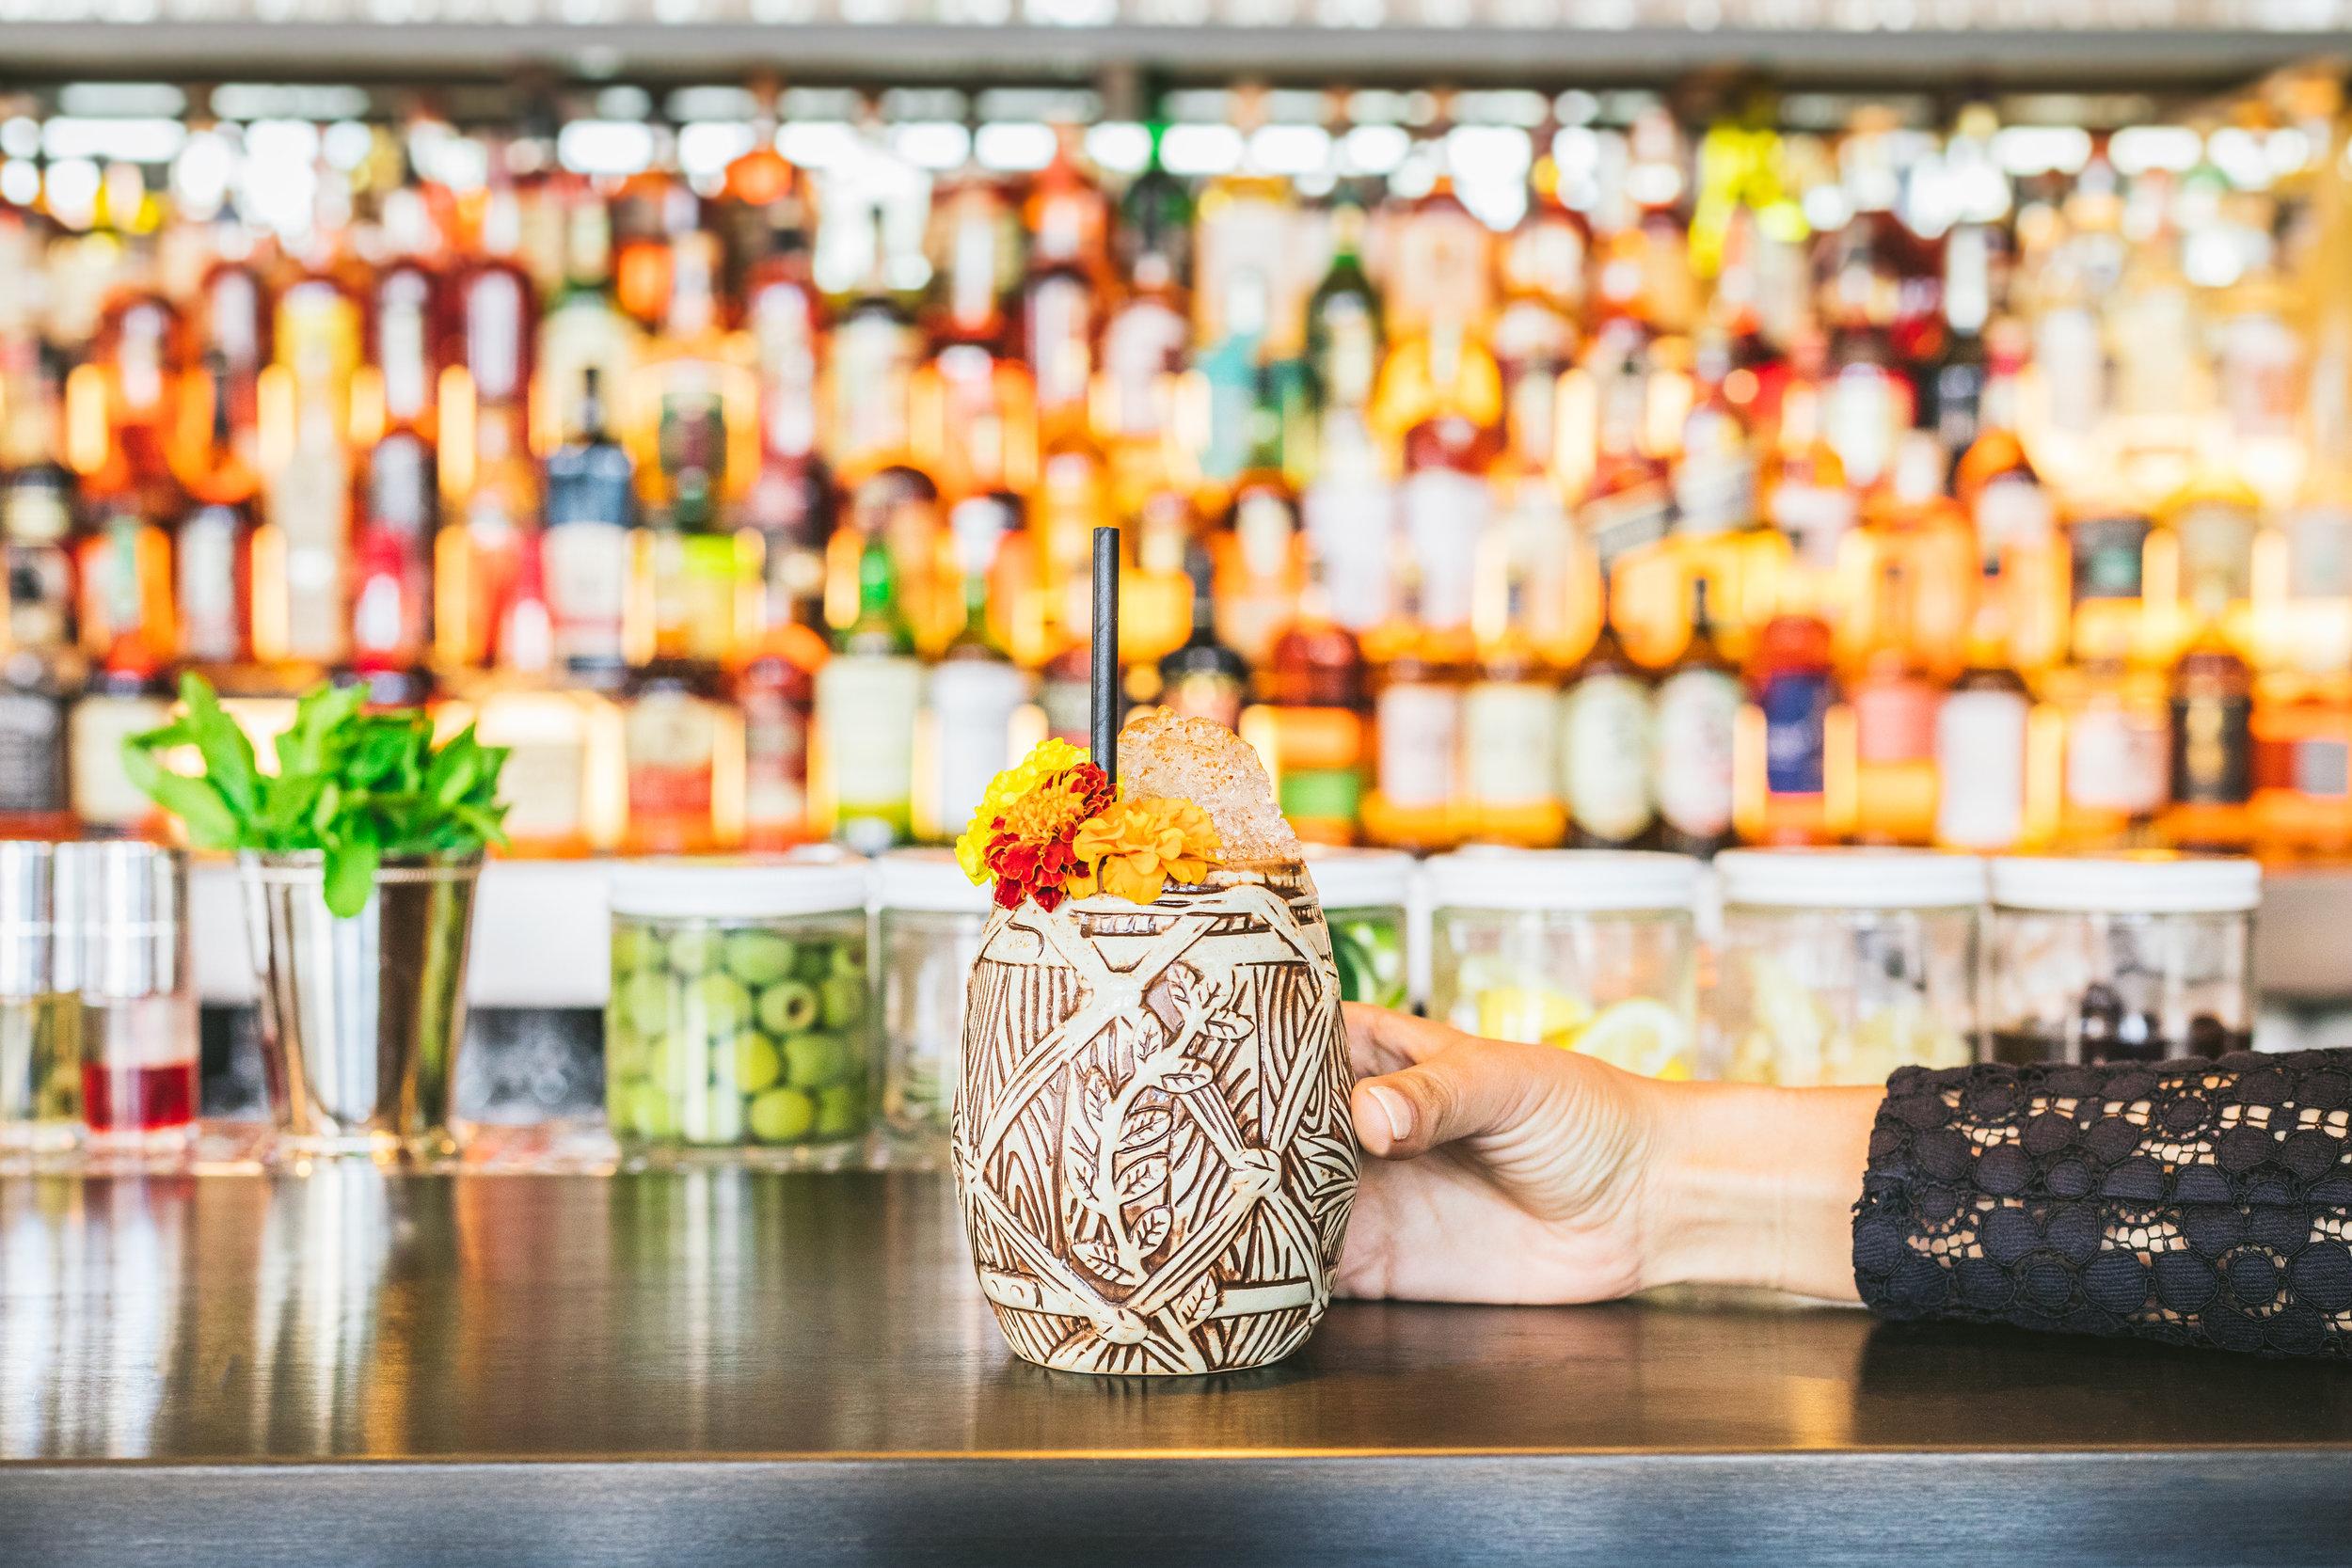 Bar +Beverage - Featured Clients: Bazaar by Jose Andres, Casa Del Mar, Otono, Larchmont Bungalow Cafe, h Club, Guelaguetza, Silverado Resort + Spa.